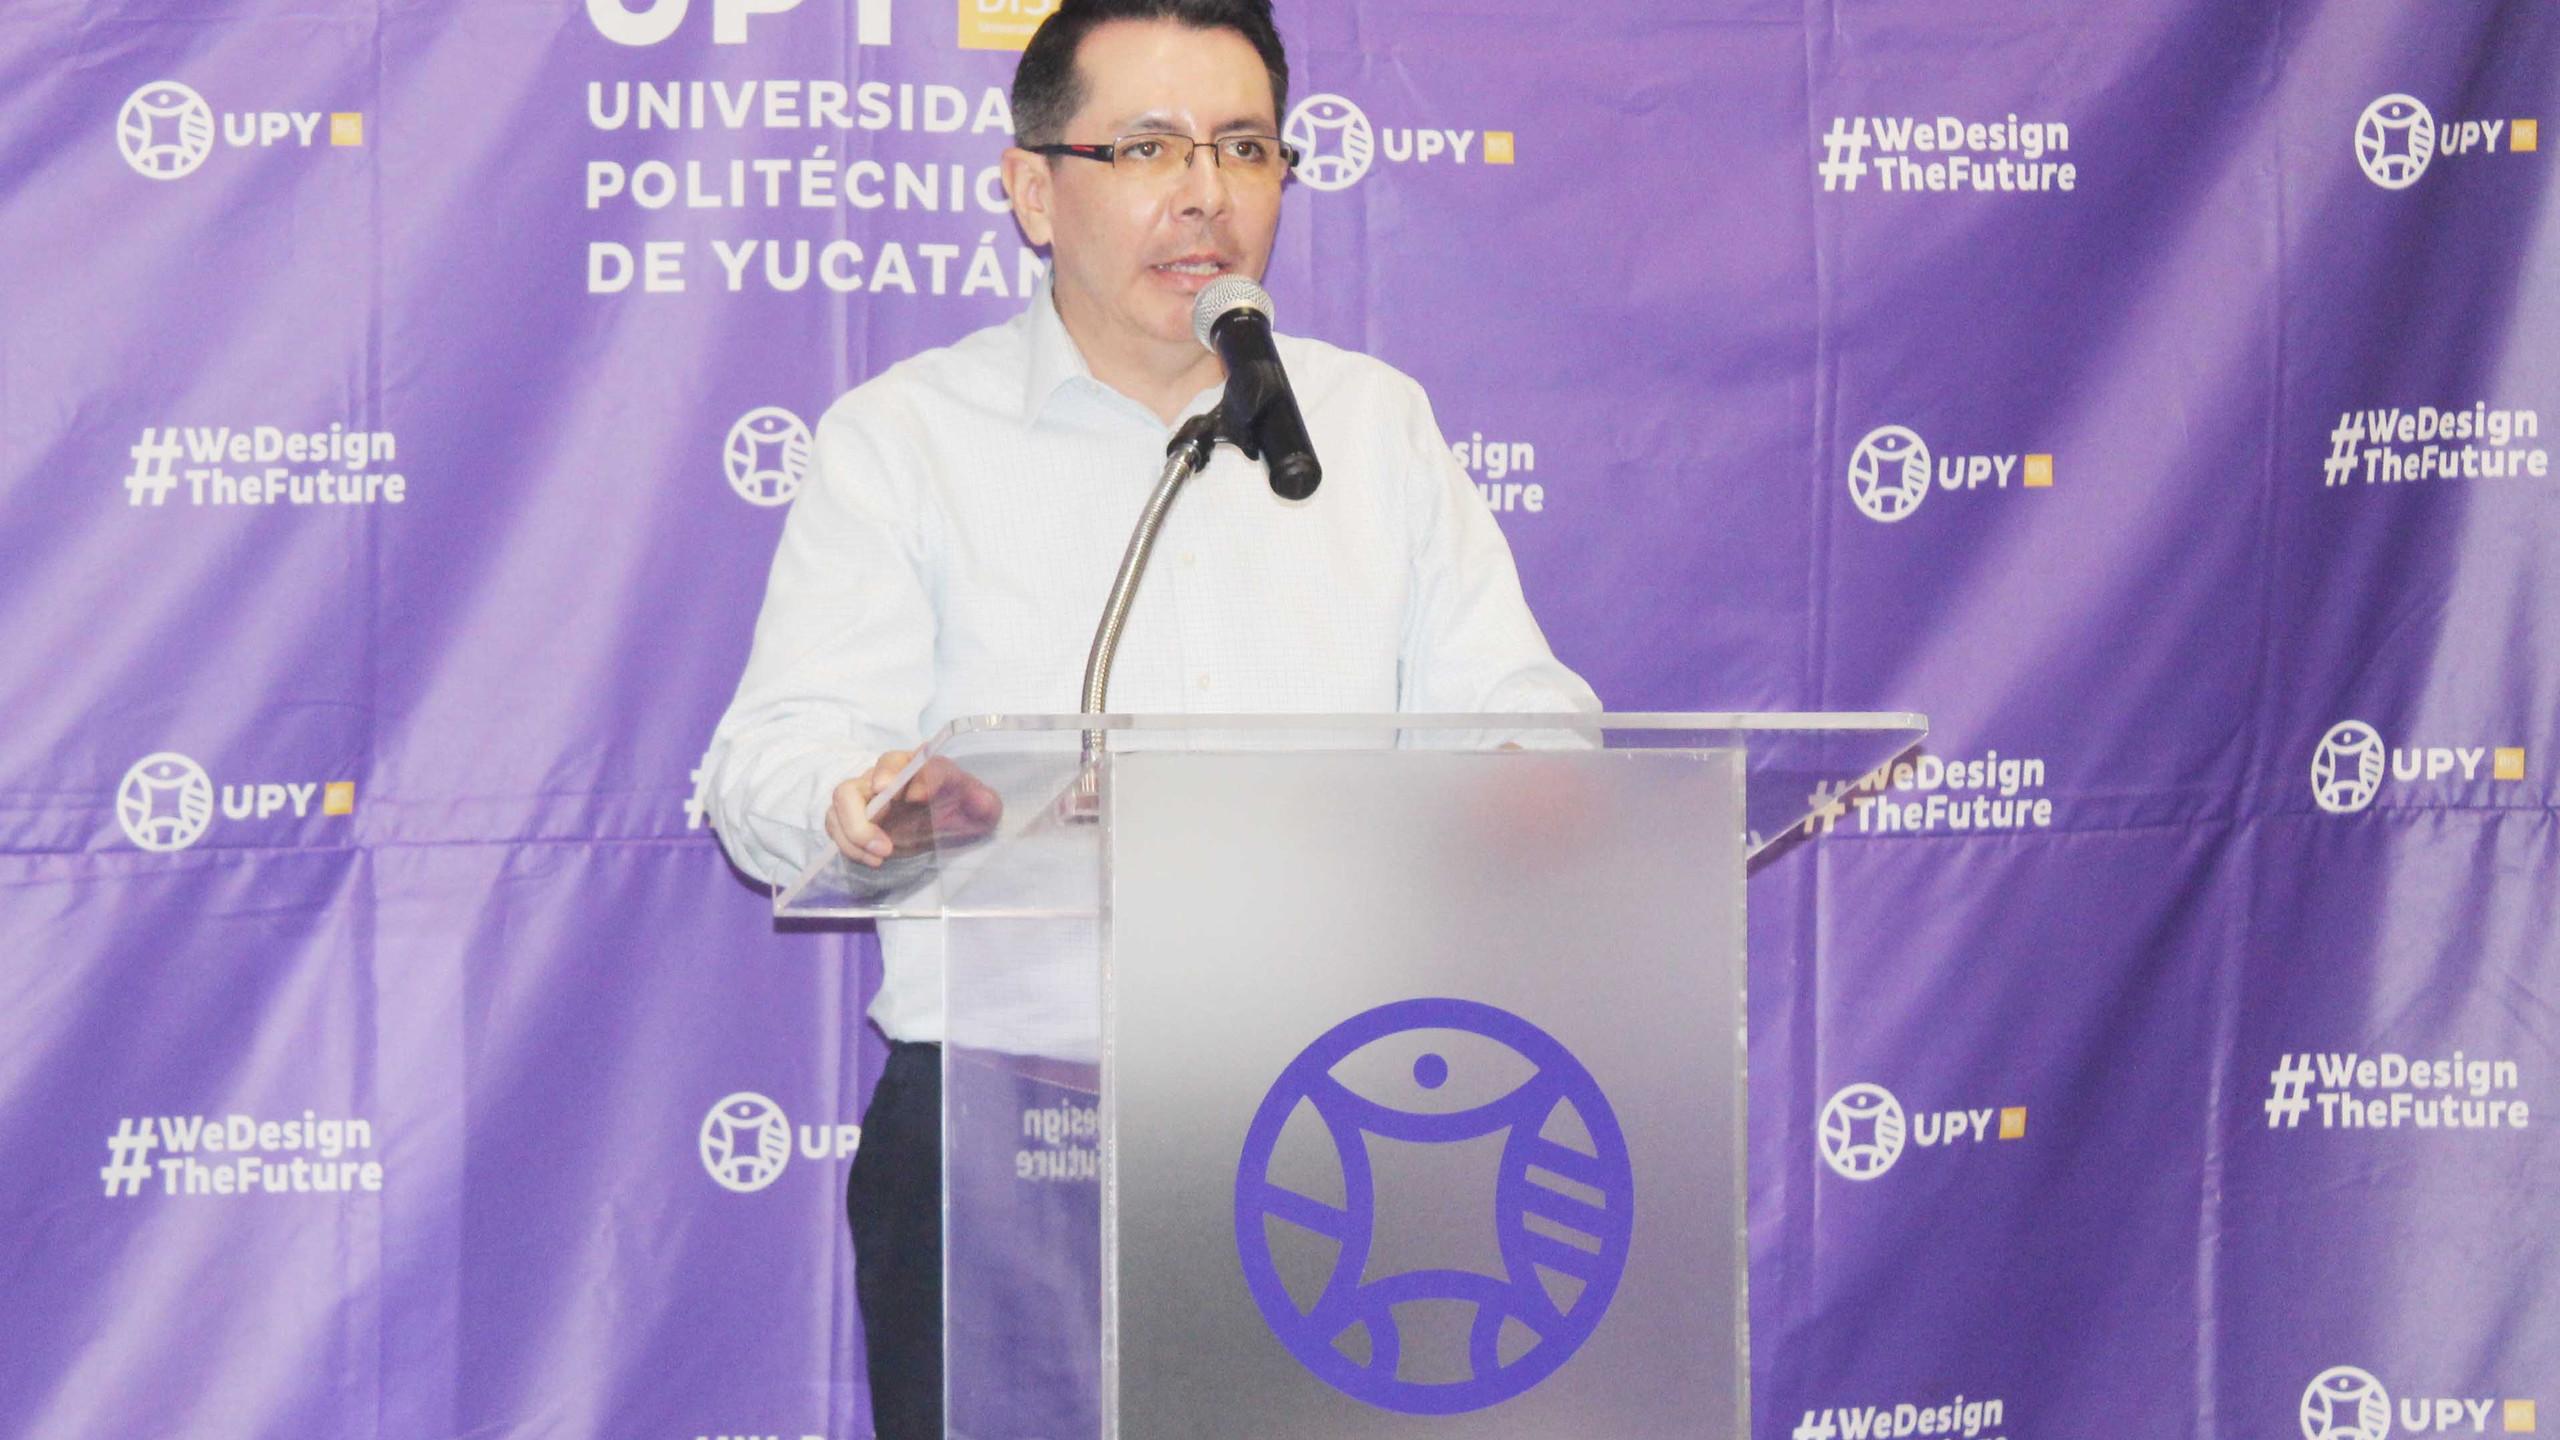 Dr. Gildardo Sánchez Ante, Rector de la Universidad Politécnica de Yucatán